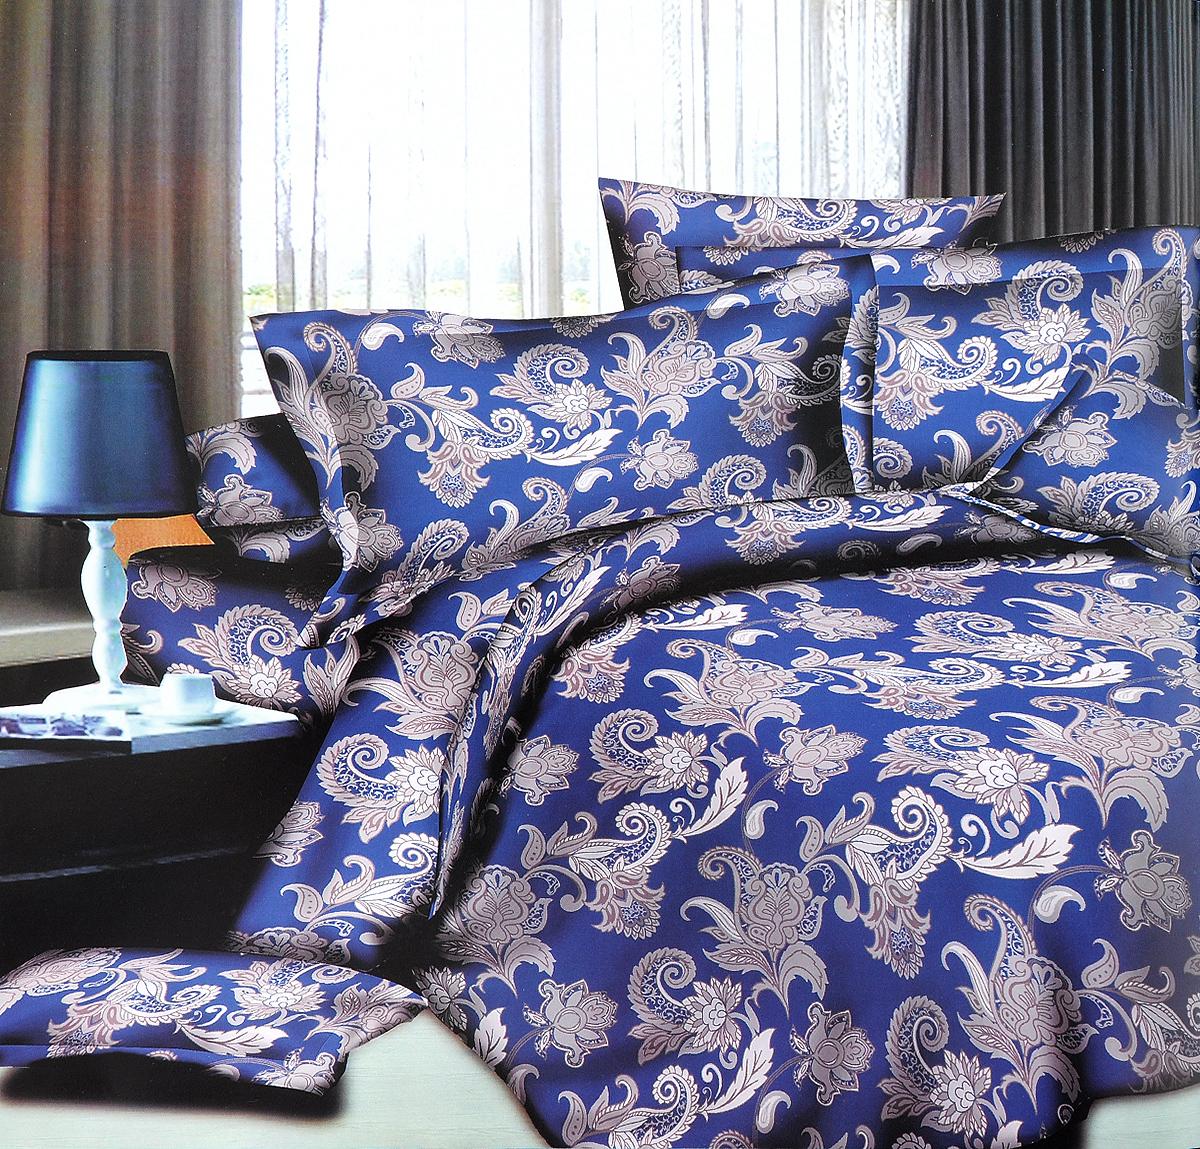 Комплект белья ЭГО Узор, 1,5-спальный, наволочки 70x70Э-2038-01Комплект постельного белья ЭГО Узор выполнен из полисатина (50% хлопка, 50% полиэстера). Комплект состоит из пододеяльника, простыни и двух наволочек. Постельное белье, оформленное оригинальным принтом, имеет изысканный внешний вид и яркую цветовую гамму. Наволочки застегиваются на клапаны. Гладкая структура делает ткань приятной на ощупь, мягкой и нежной, при этом она прочная и хорошо сохраняет форму. Ткань легко гладится, не линяет и не садится. Благодаря такому комплекту постельного белья вы сможете создать атмосферу роскоши и романтики в вашей спальне.